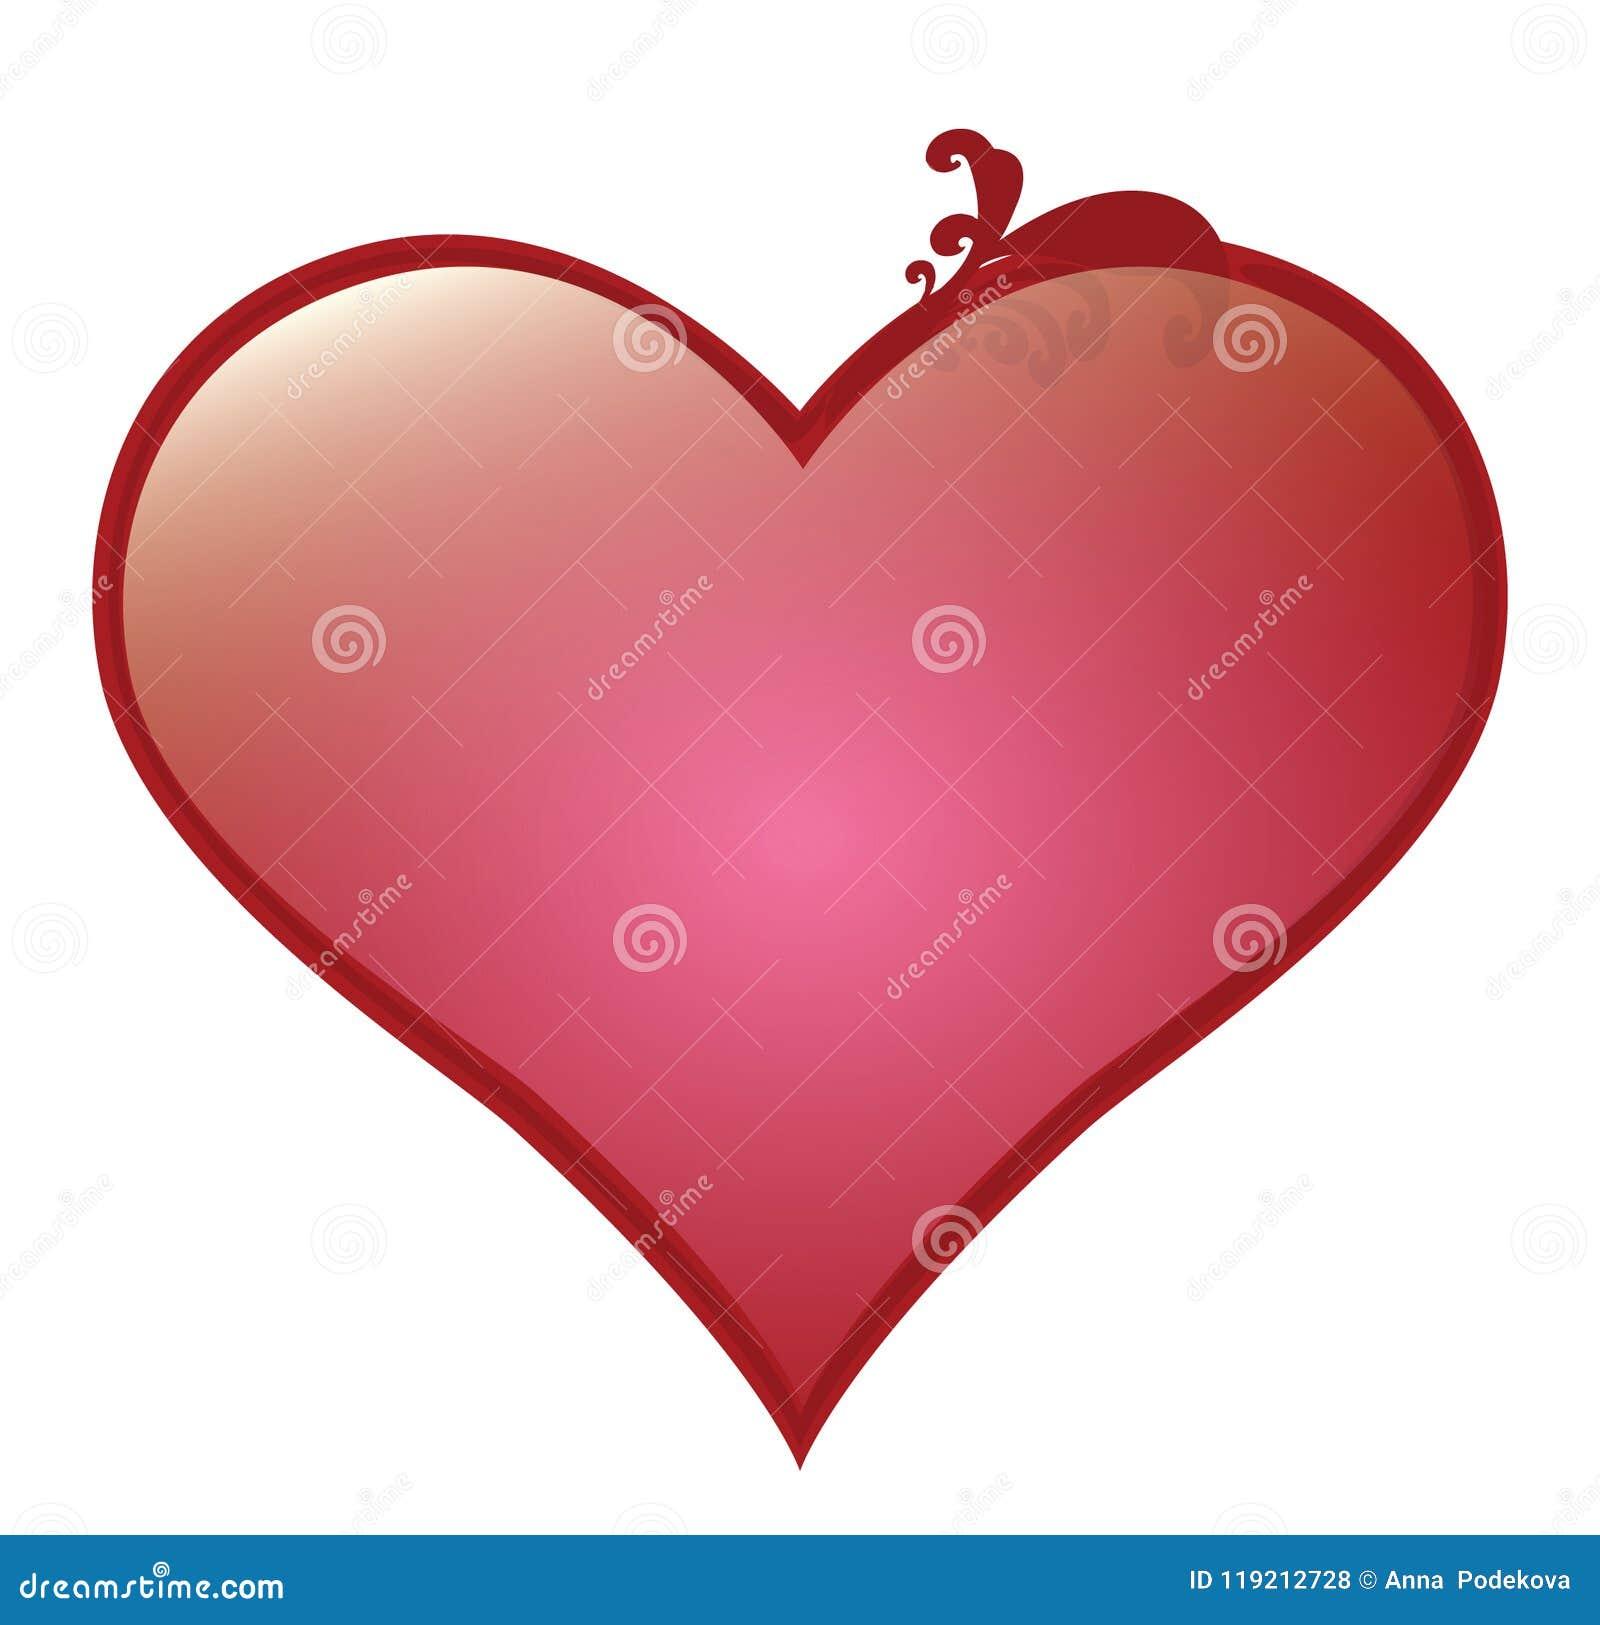 Vector сердце для поздравительных открыток валентинки Святого и романтичной влюбленности